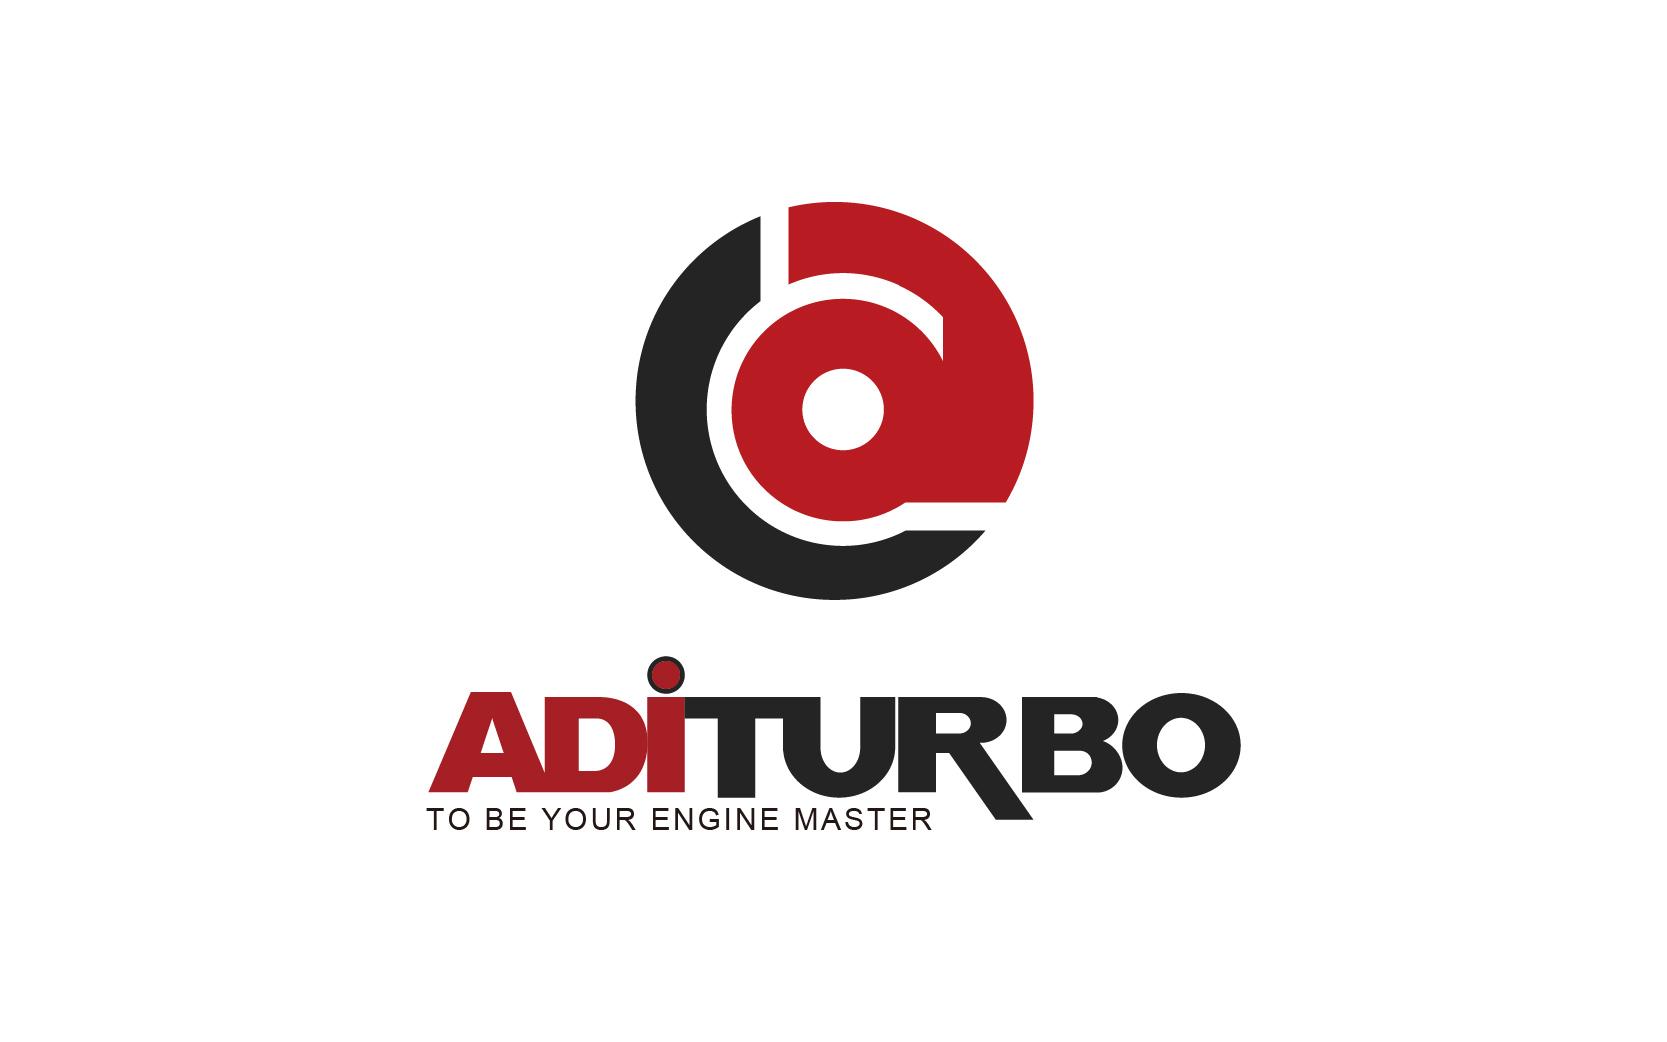 aditurbo 涡能增压器汽车配件LOGO设计